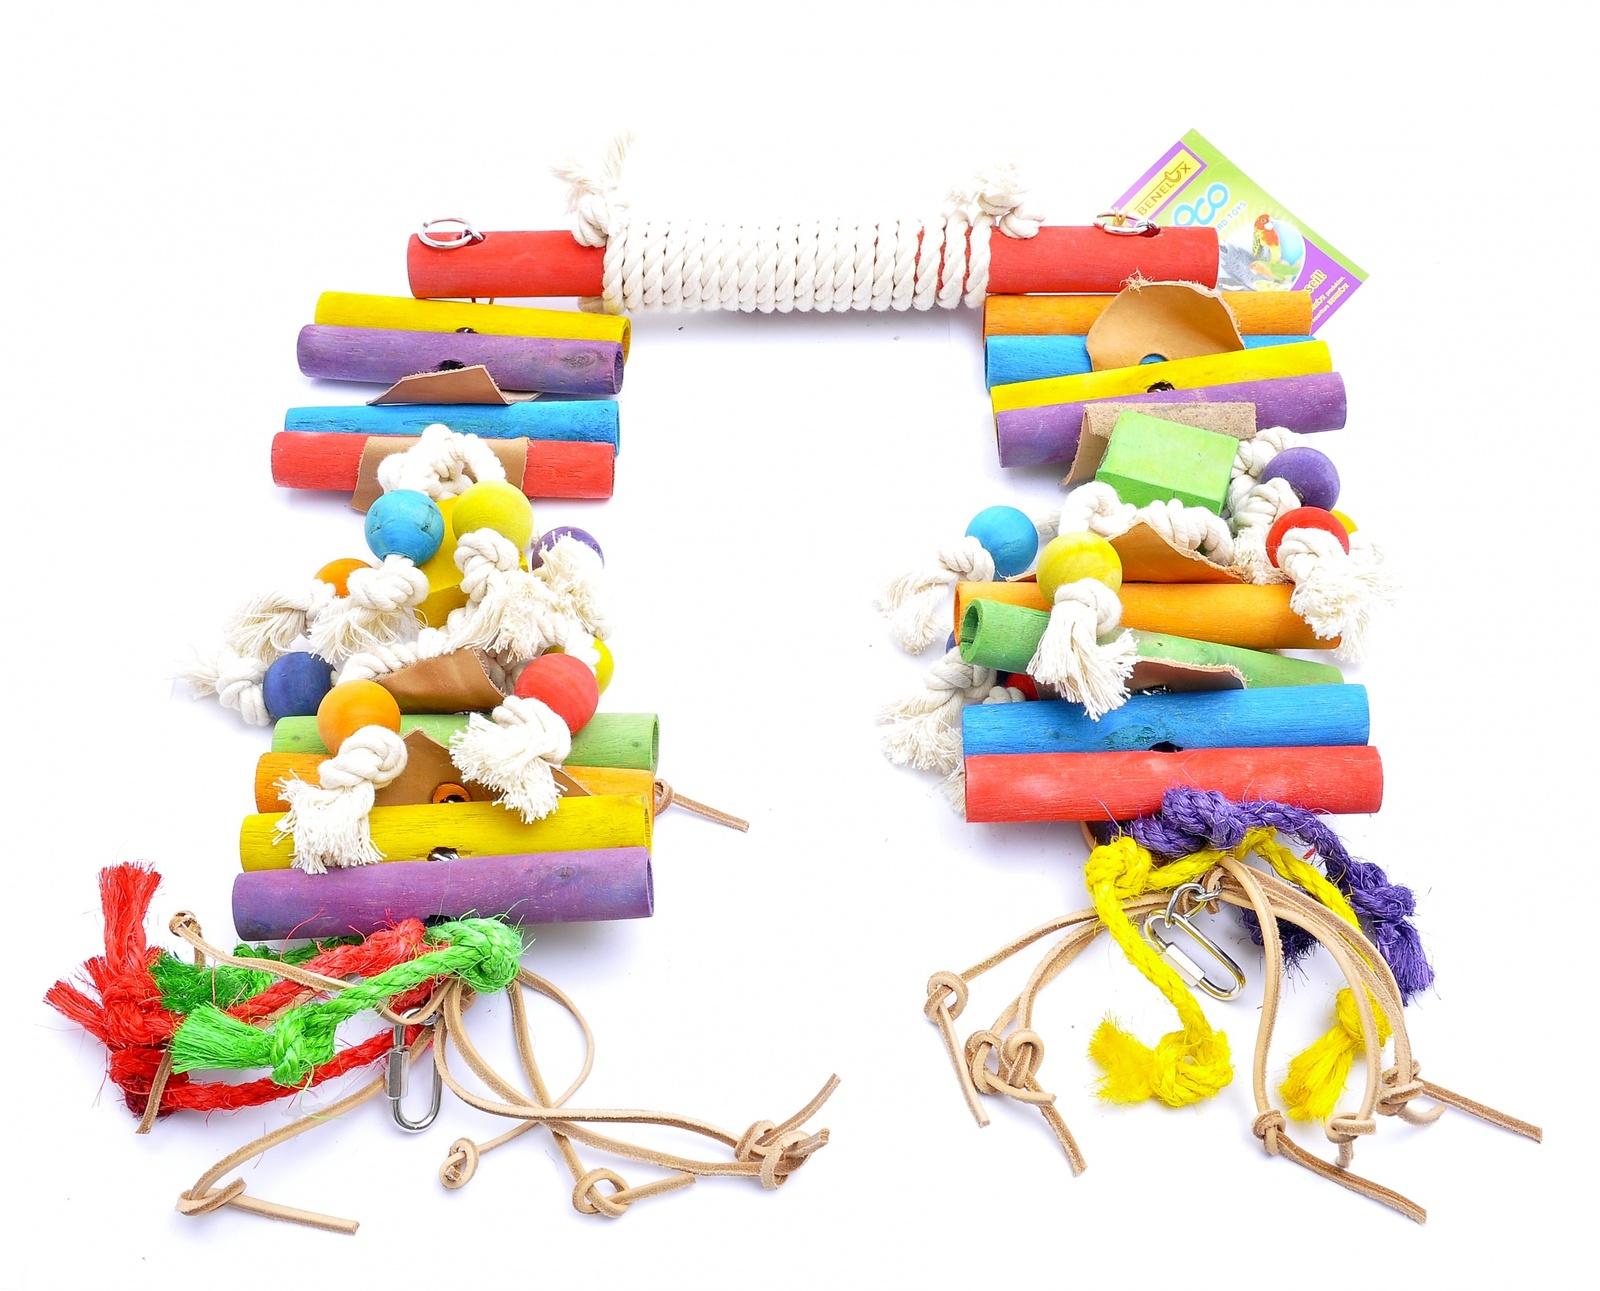 """Benelux Качелька XXL для длиннохвостых попугаев """"Кокос"""" 37*14*43 см - 2 кг (Coco toy xxl for parrot/parrakeet Super Swing) 14213 от Ravta"""